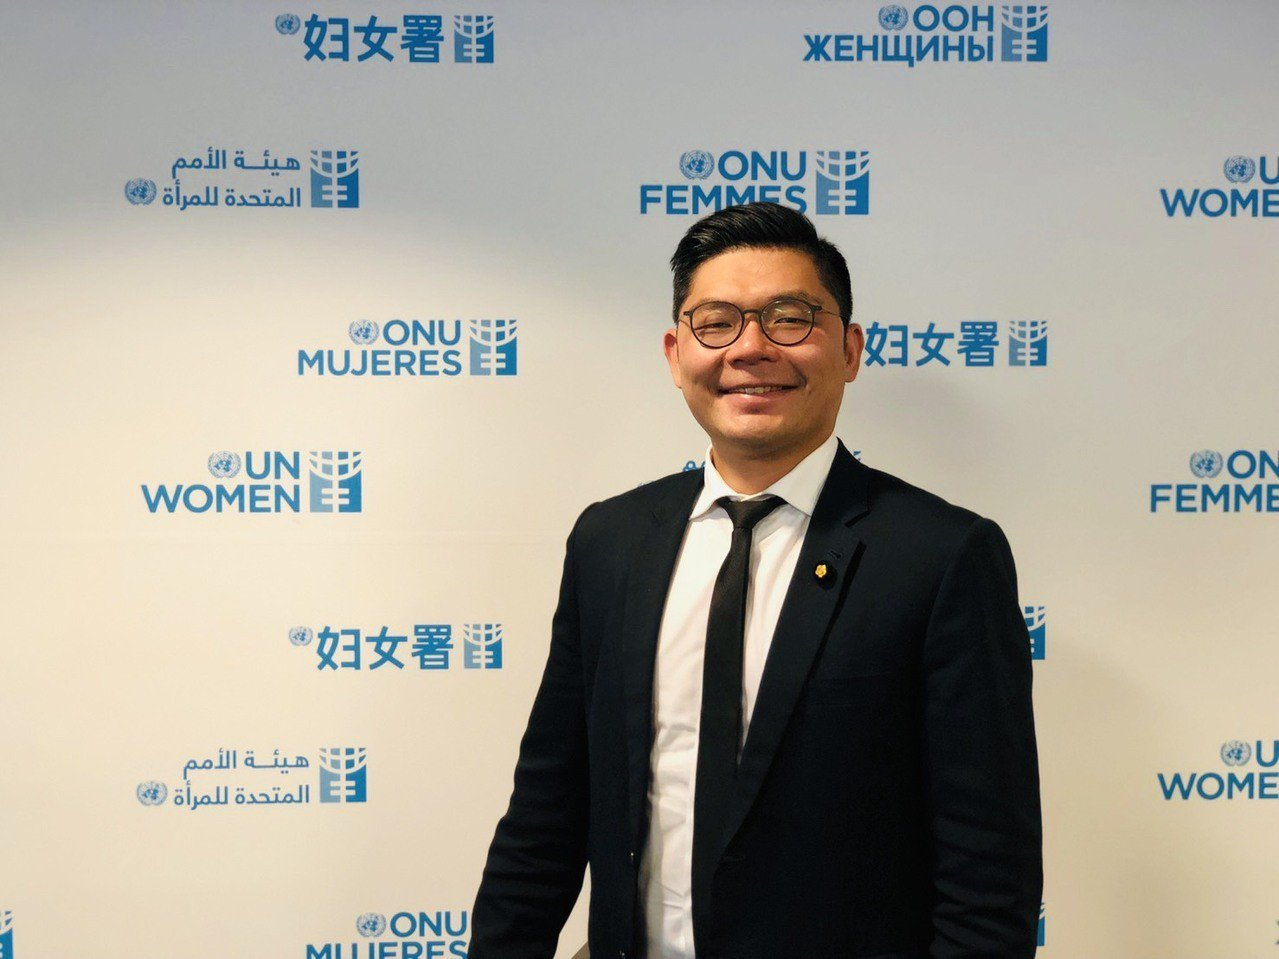 立委許毓仁。圖/國會辦公室提供